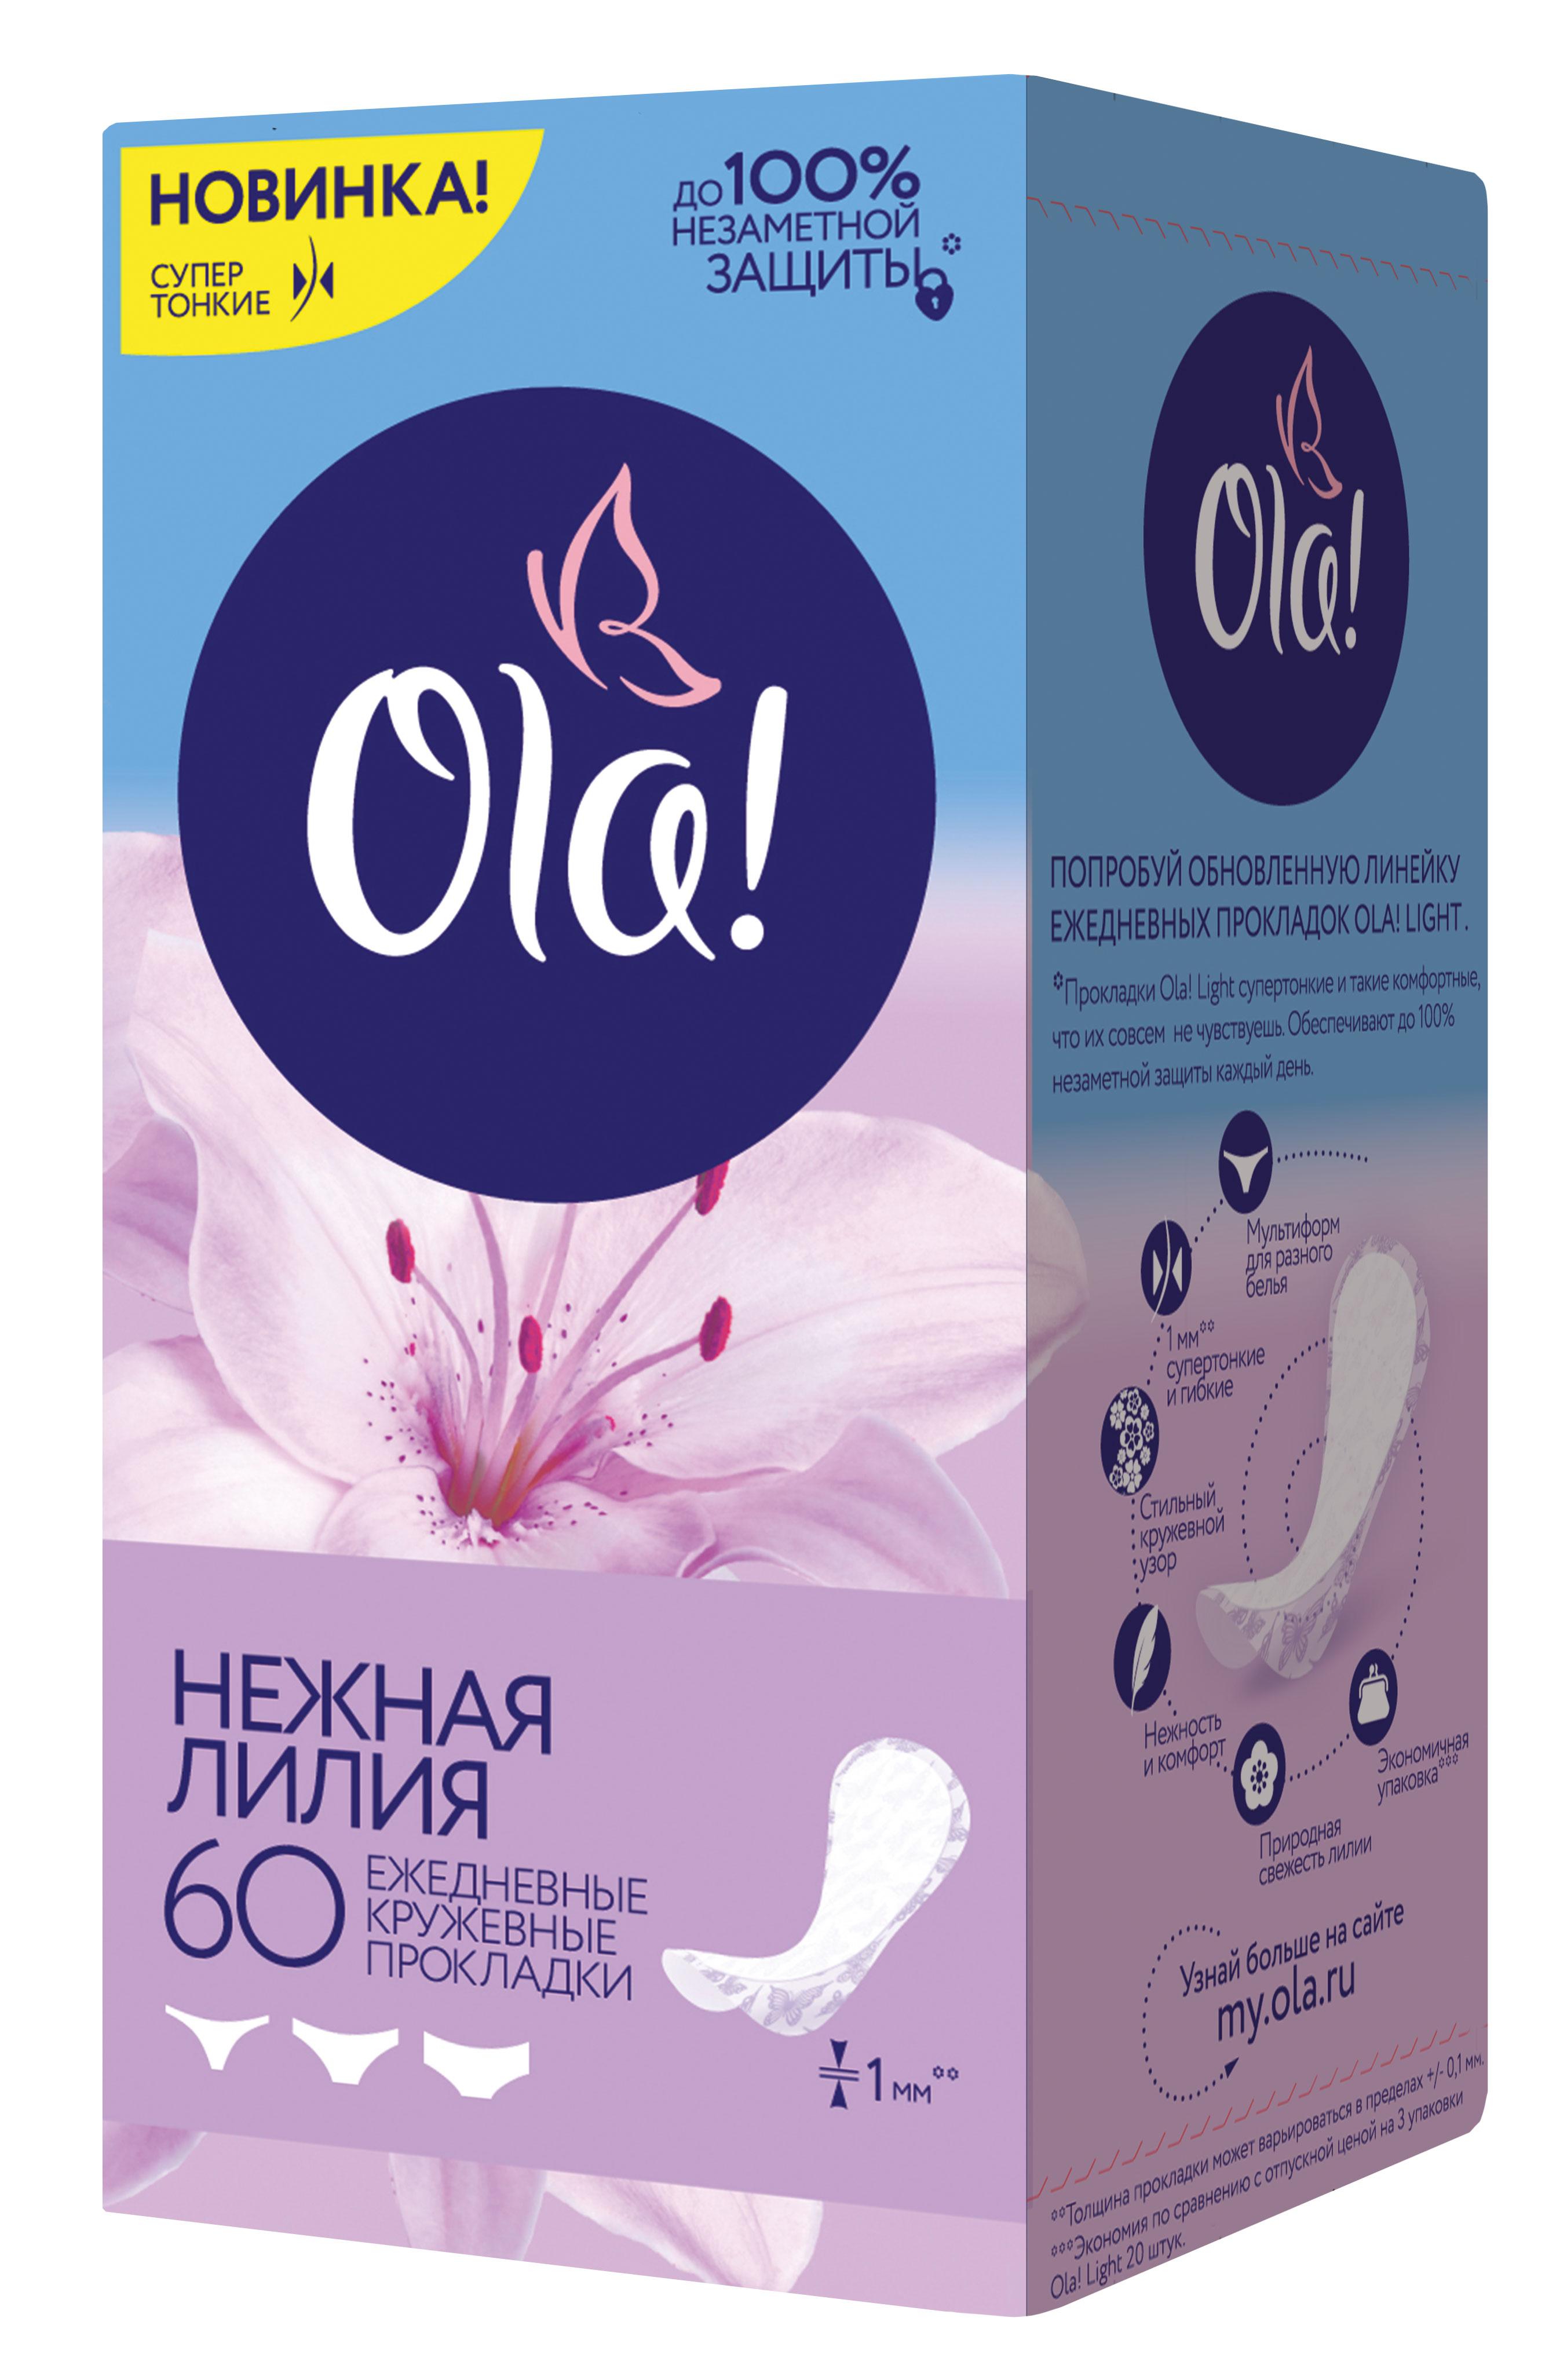 Ola! Light прокладки ежедневные тонкие стринг-мультиформ аромат Нежная лилия уп.6011992Новая линейка тонких ежедневных прокладок Ola! Light – это высококачественная продукция, отвечающая требованиям современной женщины: • Мультиформ – прокладки подходят для любого типа белья, что обеспечивает дополнительное удобство использования. • Толщина прокладки 1 мм – прокладки такие тонкие и гибкие, что совсем их не чувствуешь. • Стильный кружевной узор на оборотной стороне прокладки. • Нежная шелковистая поверхность прокладки – для самой чувствительной кожи. • Лёгкий аромат лилии подарит ощущение свежести на каждый день.